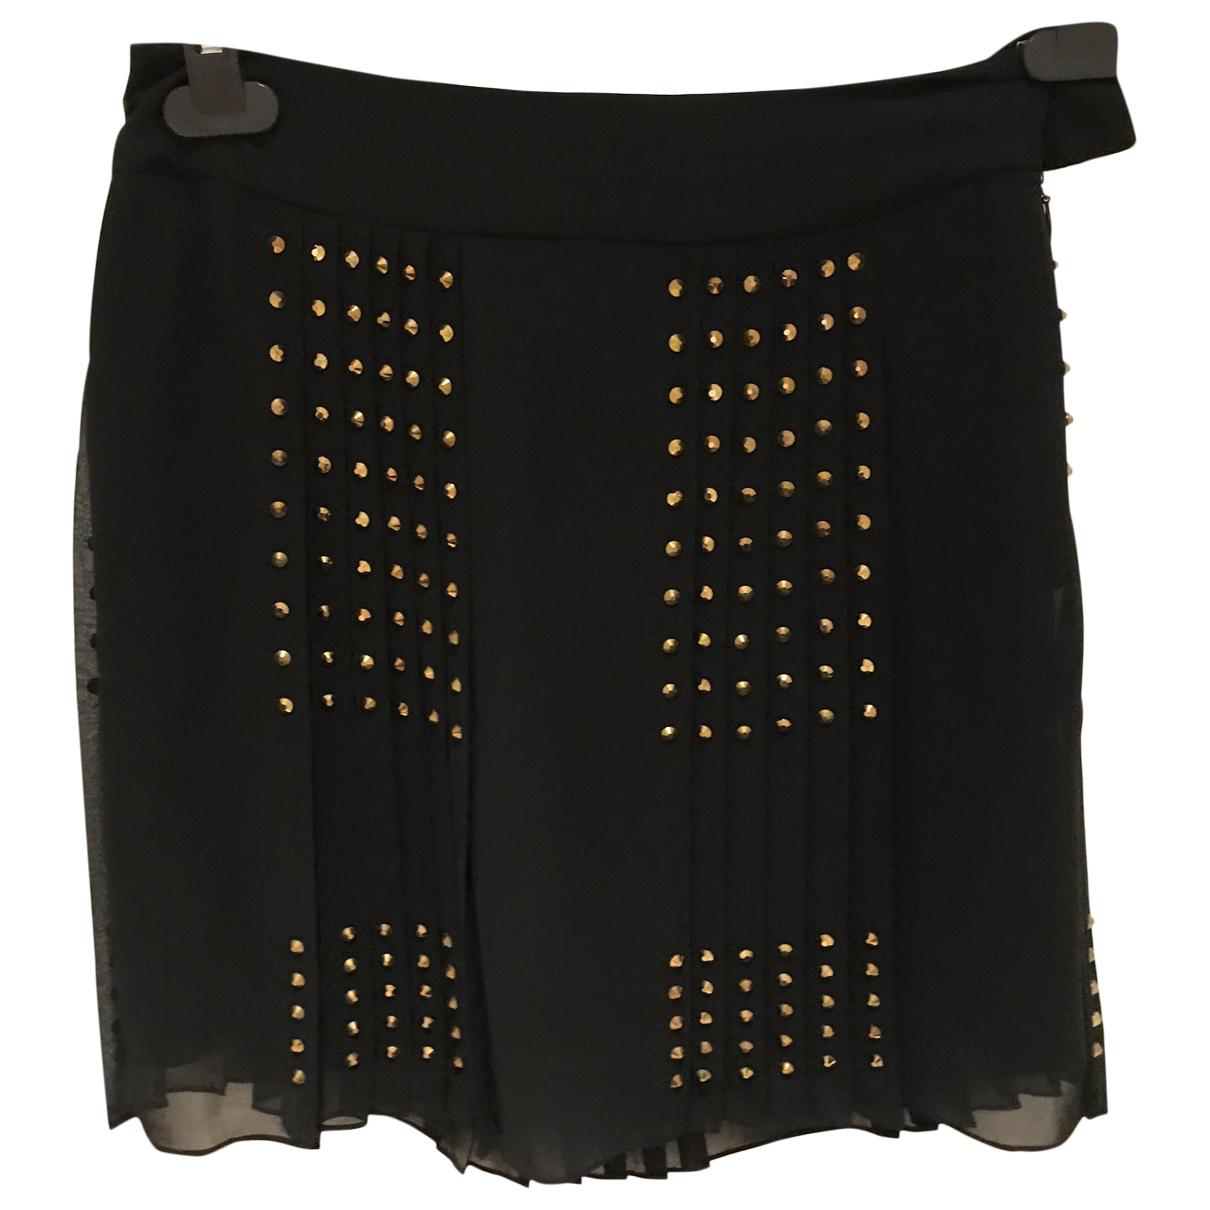 Diane Von Furstenberg \N Black skirt for Women 0 0-5